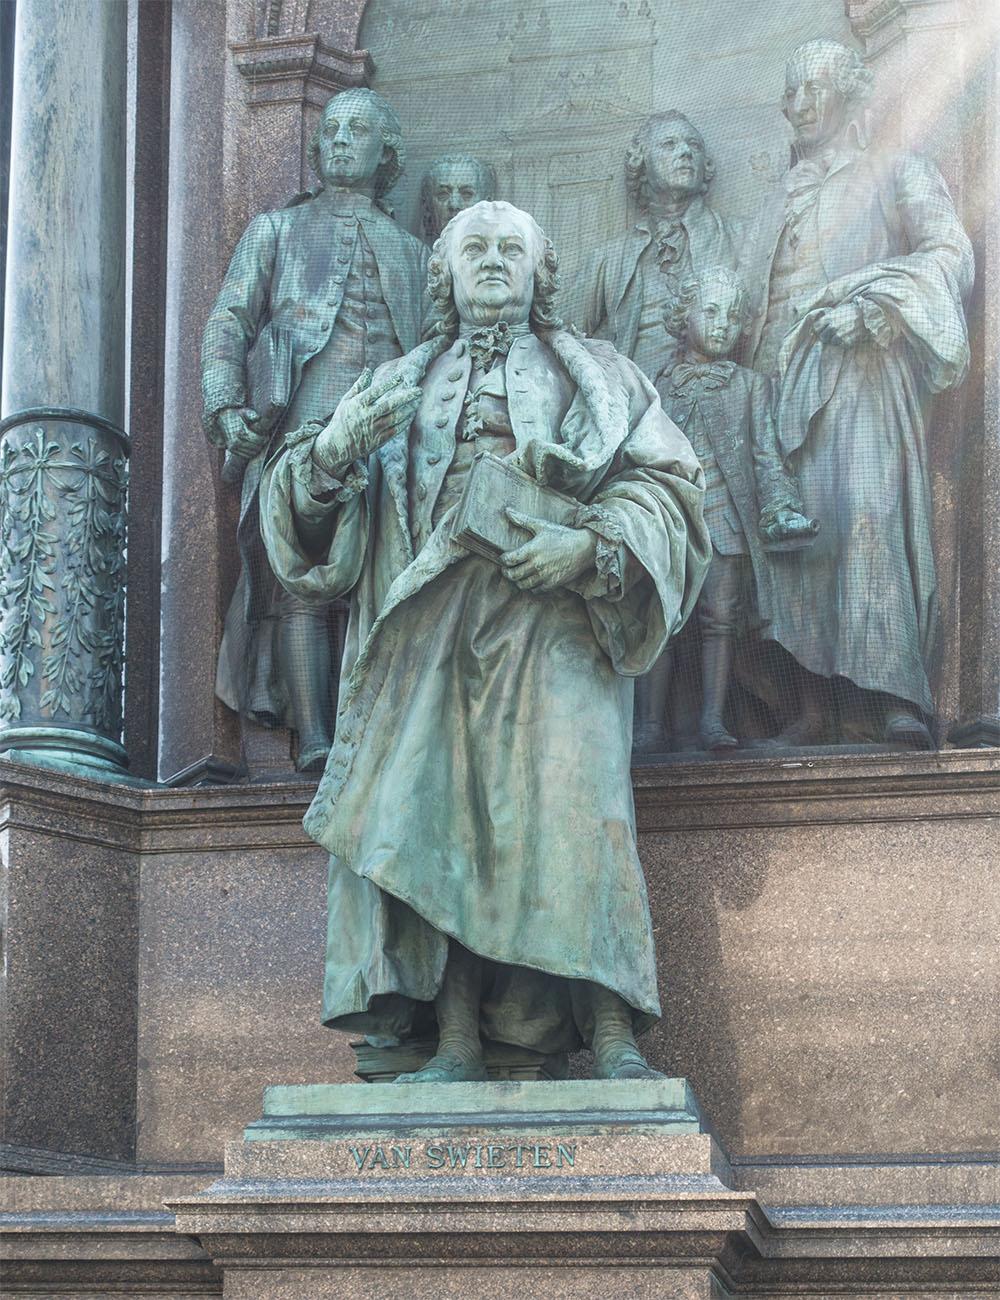 Gerhard van Swieten (c) STADTBEKANNT